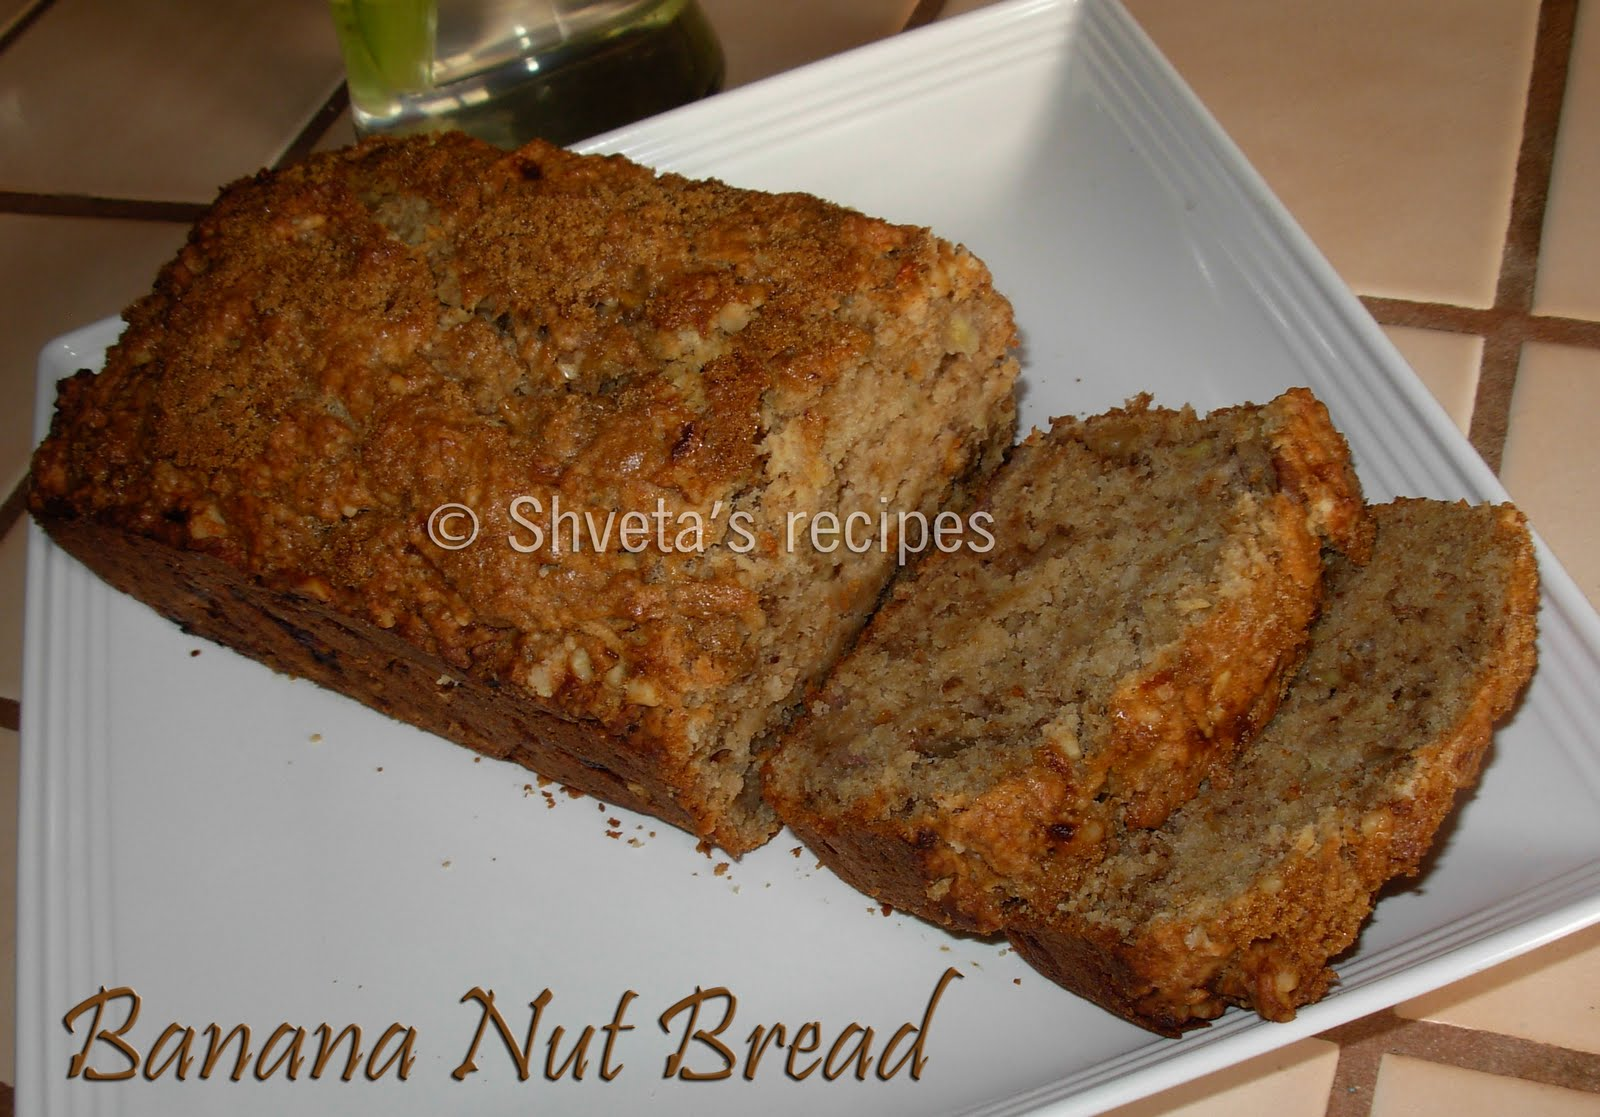 Shveta's Recipes: Eggless banana nut bread